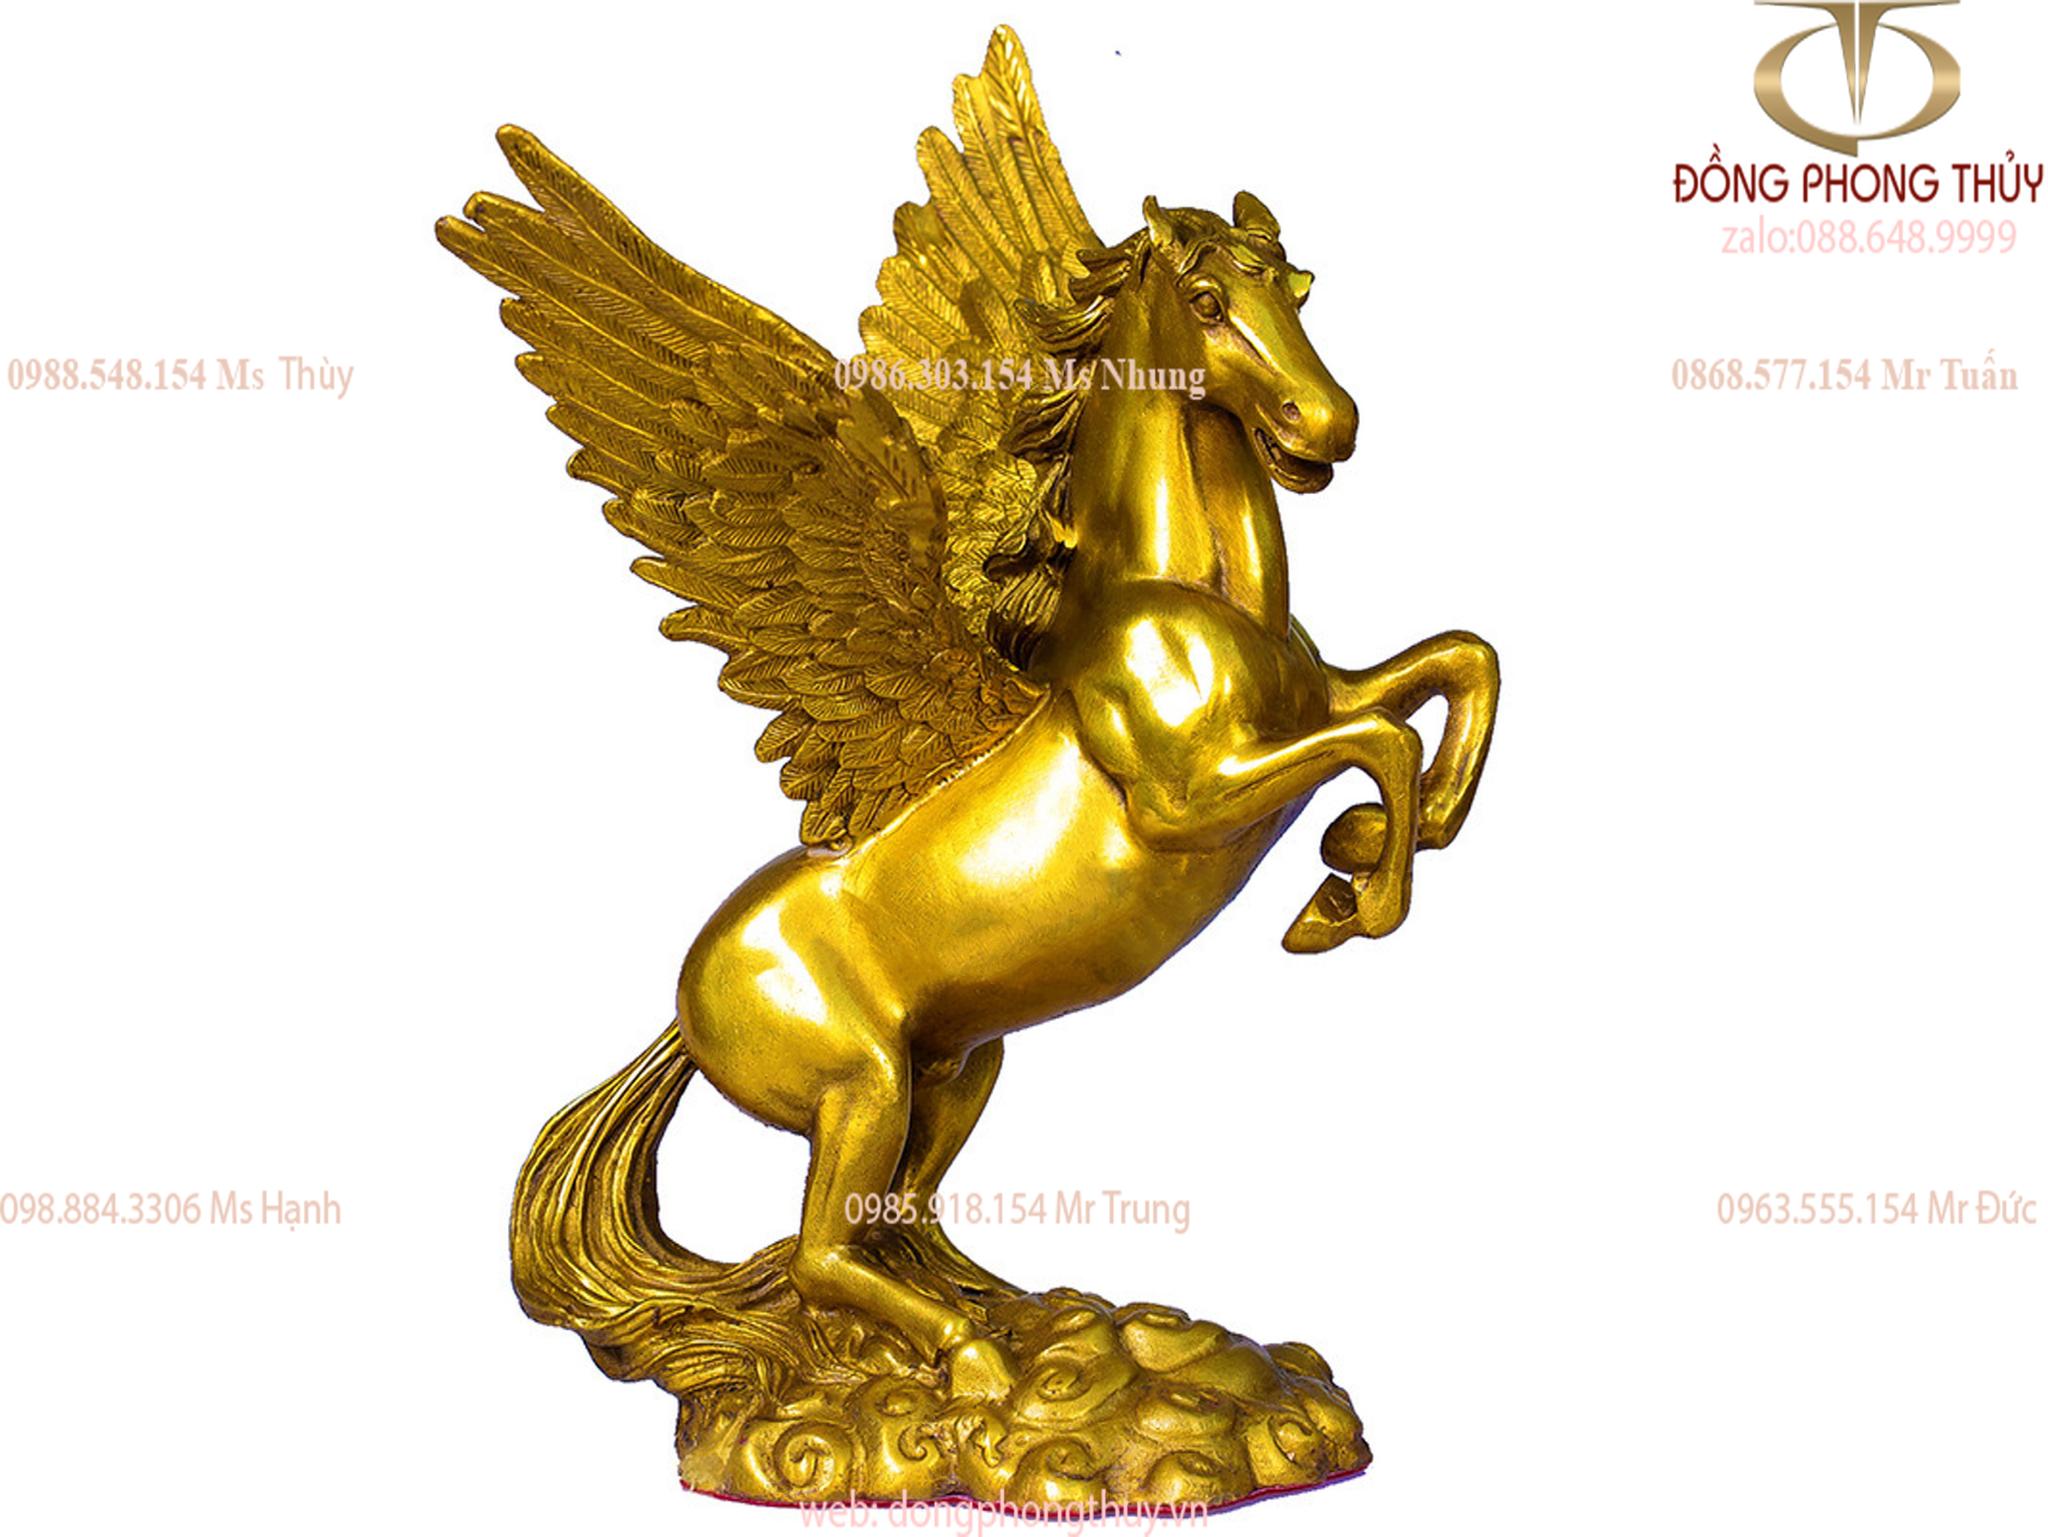 Tượng ngựa phong thủy - Ngựa Cánh- Thiên lý mã